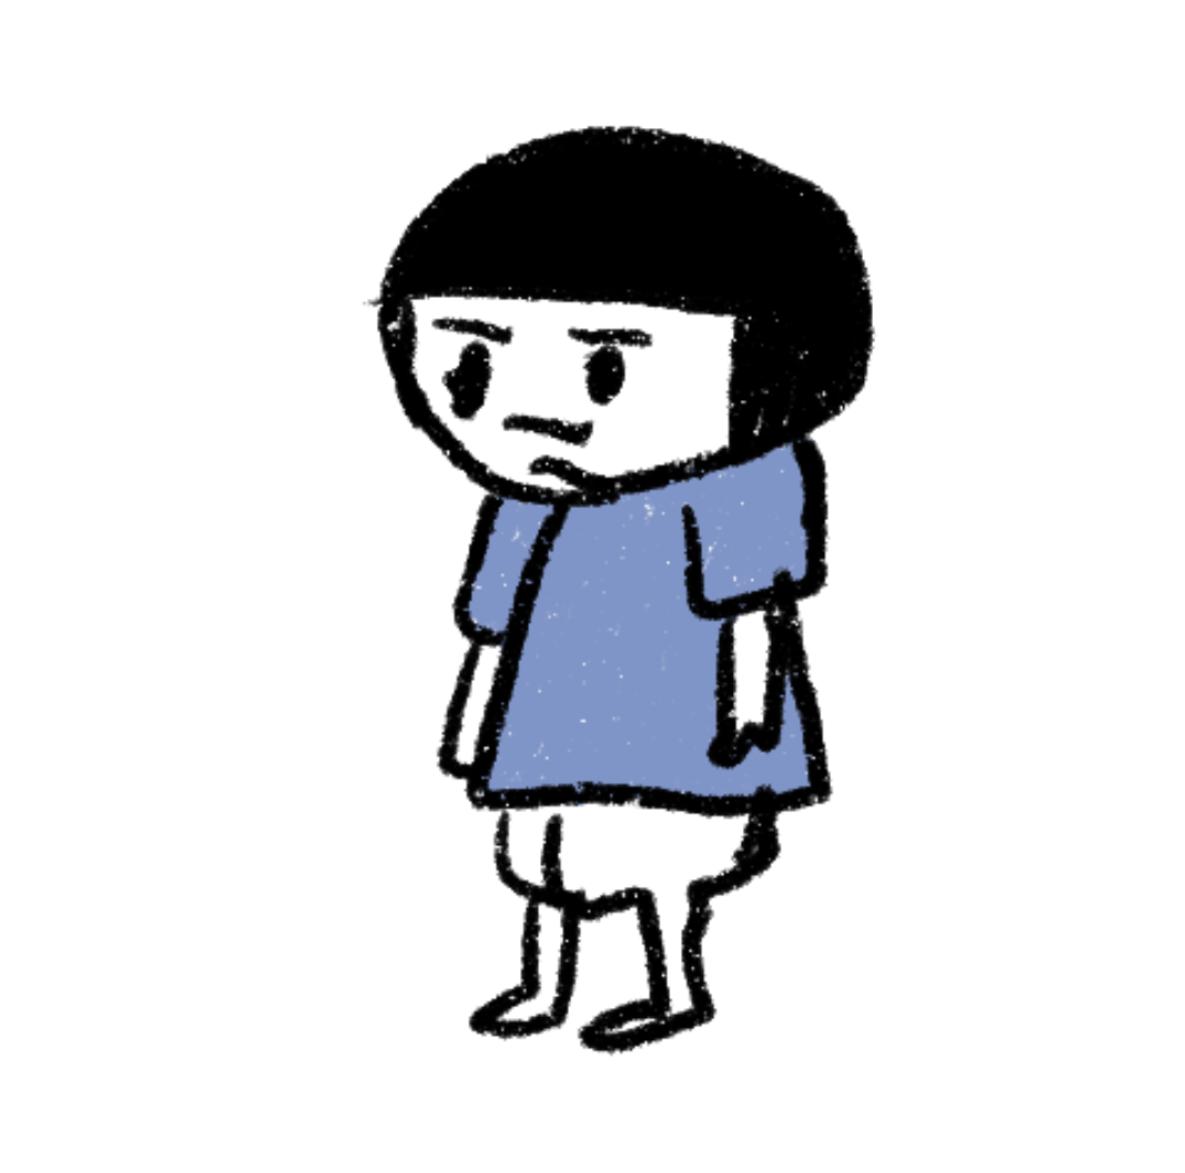 イラスト制作をします CDジャケット、雑誌などの挿絵、キャラクターデザインなど イメージ1